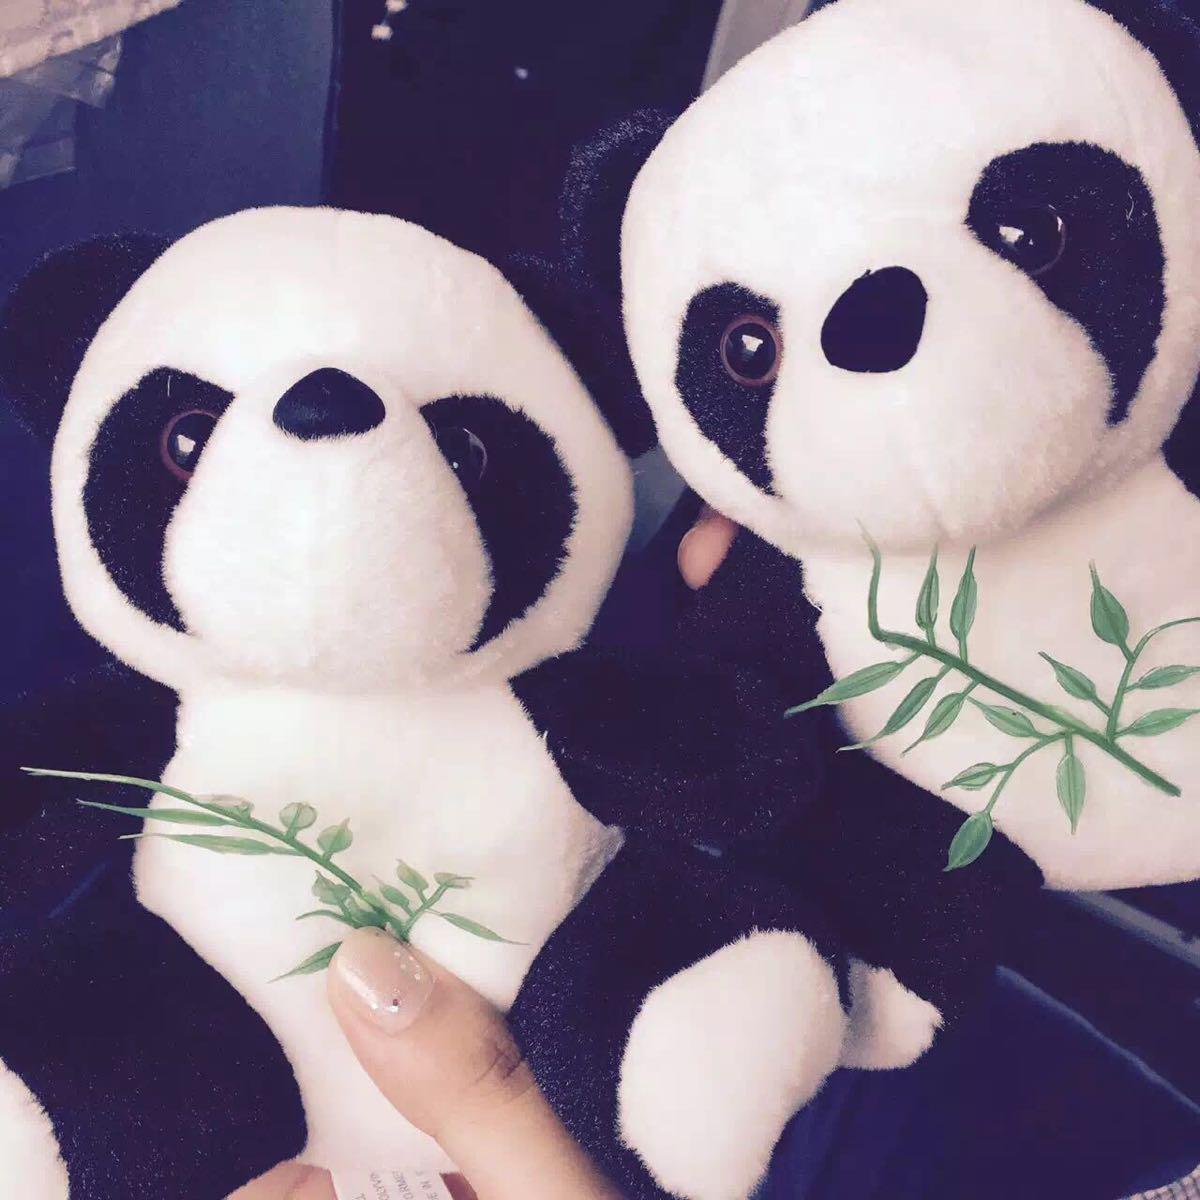 咬屁屁,喝奶奶,啃竹子,回眸憨笑的……熊猫的每一个瞬间,都这么可爱